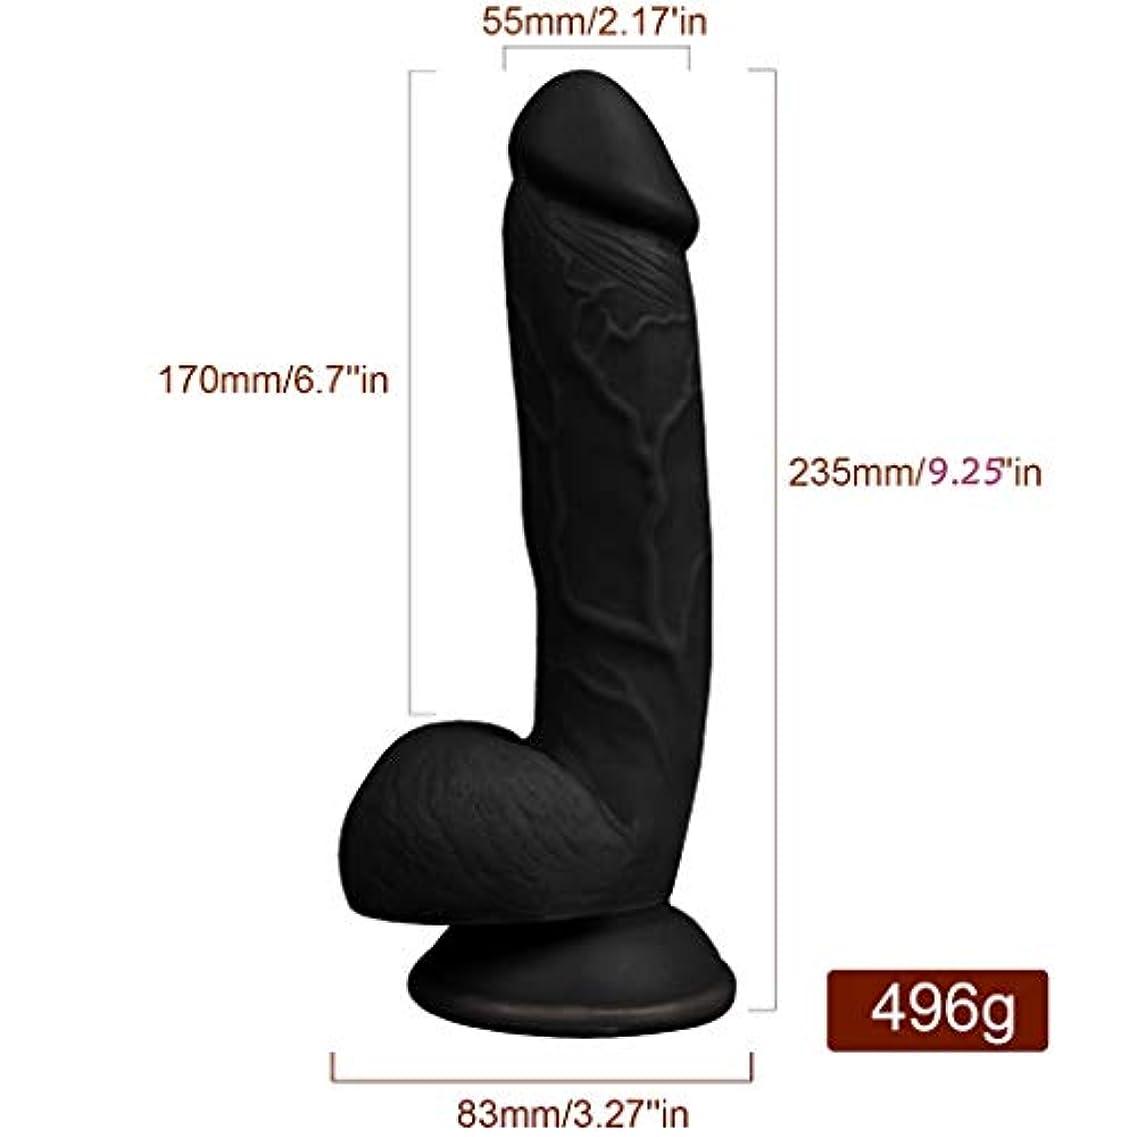 章コークスアルバニーQybtoo 9.97インチの再利用可能なのカップル防水マッサージャーシリコーンメイドのためのリアルなセクシーおもちゃ Qybtoo (Color : Black)